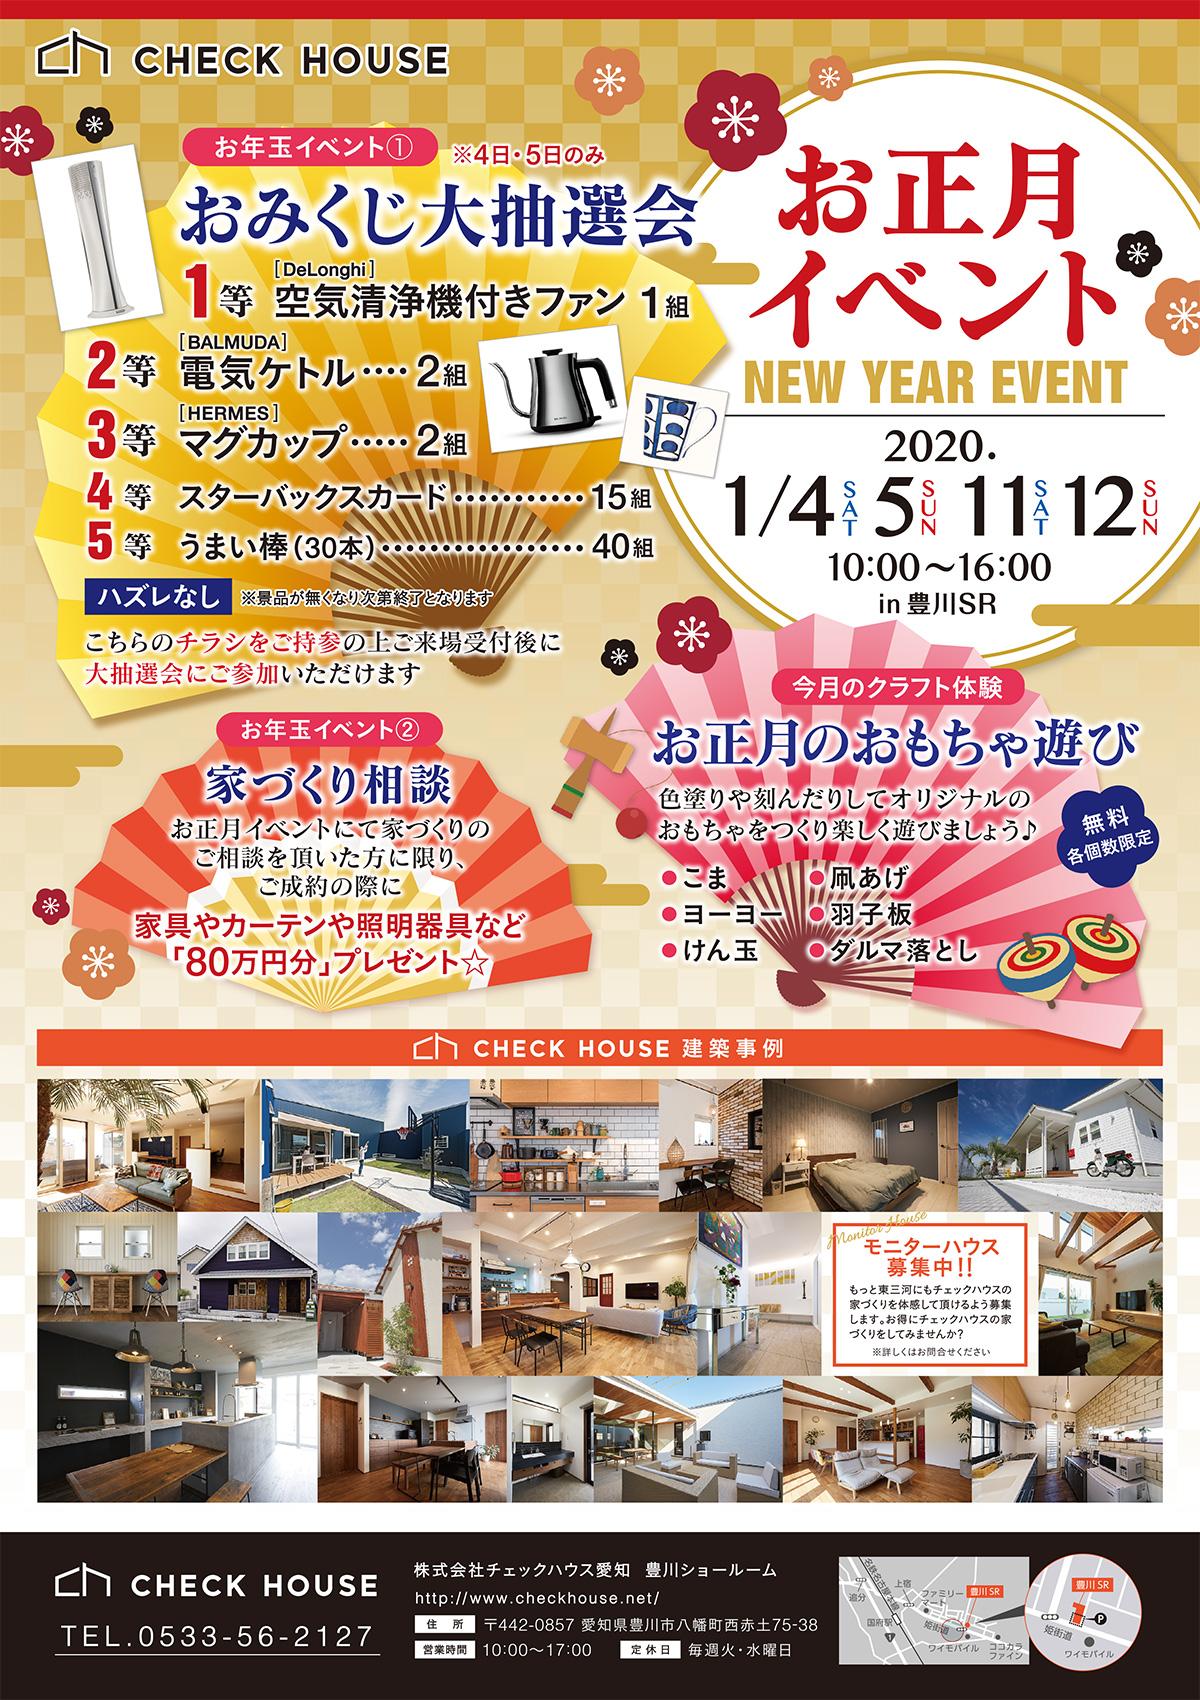 お正月イベント in 豊川ショールーム <1/4・1/5・1/11・1/12>